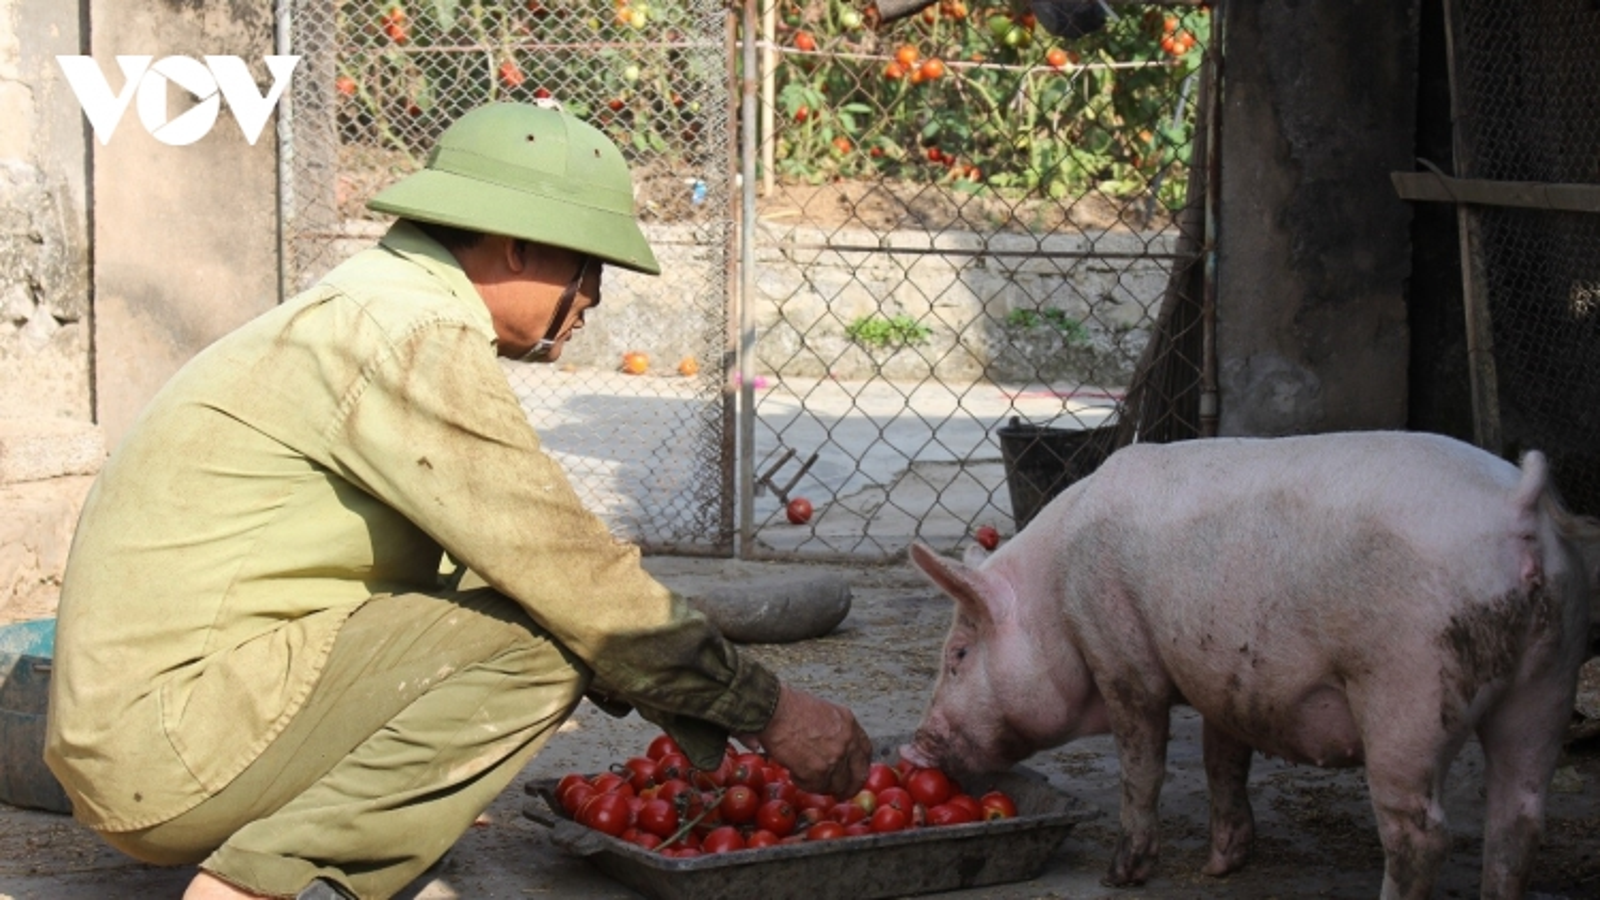 Cà chua bán rẻ không ai mua, nông dân mang về cho lợn ăn